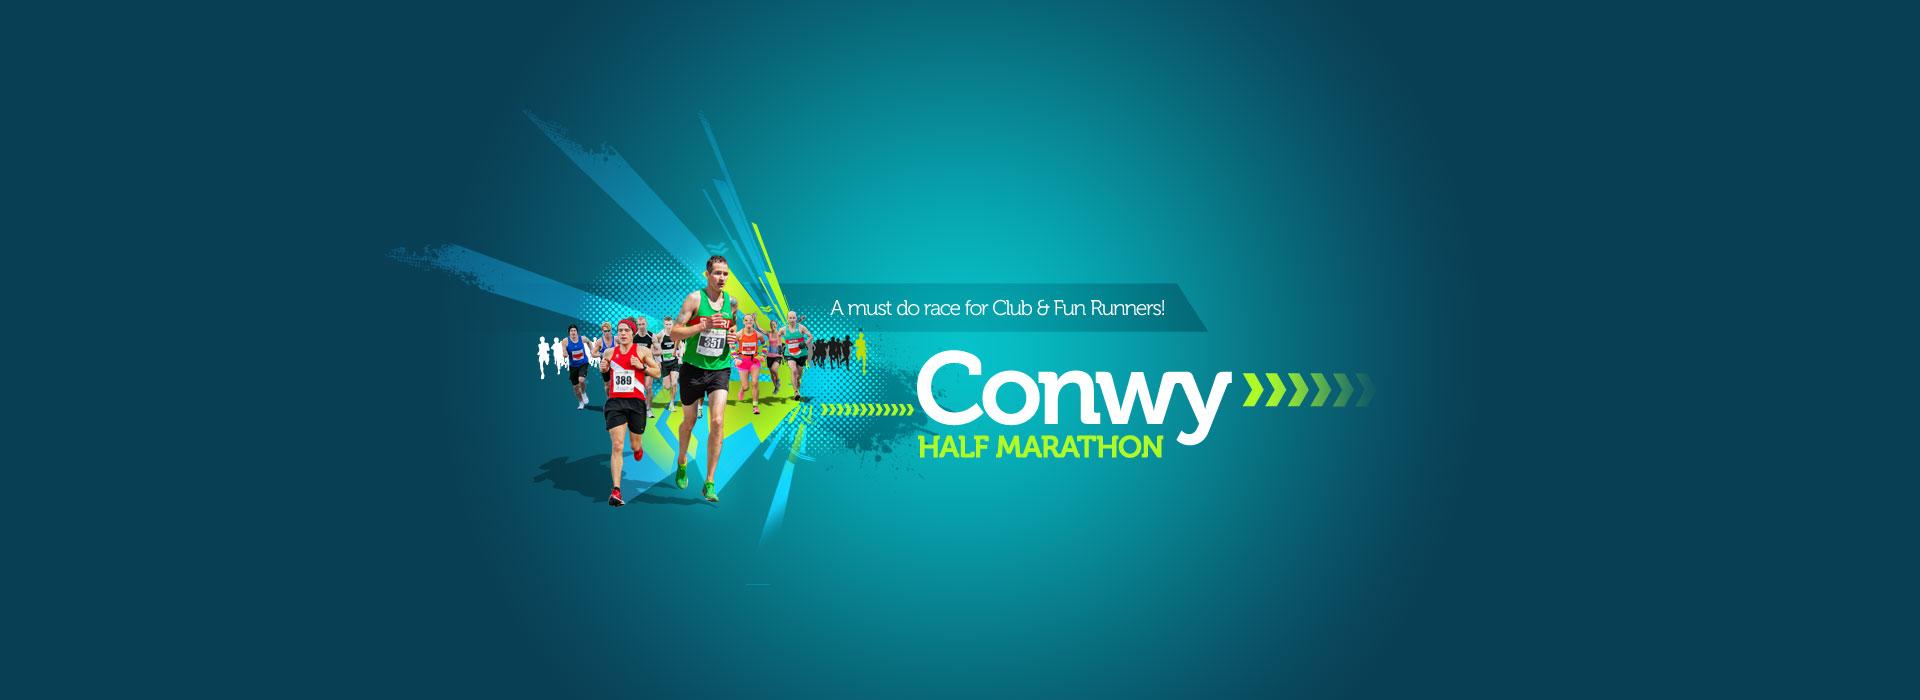 Conwy Half Marathon - cover image